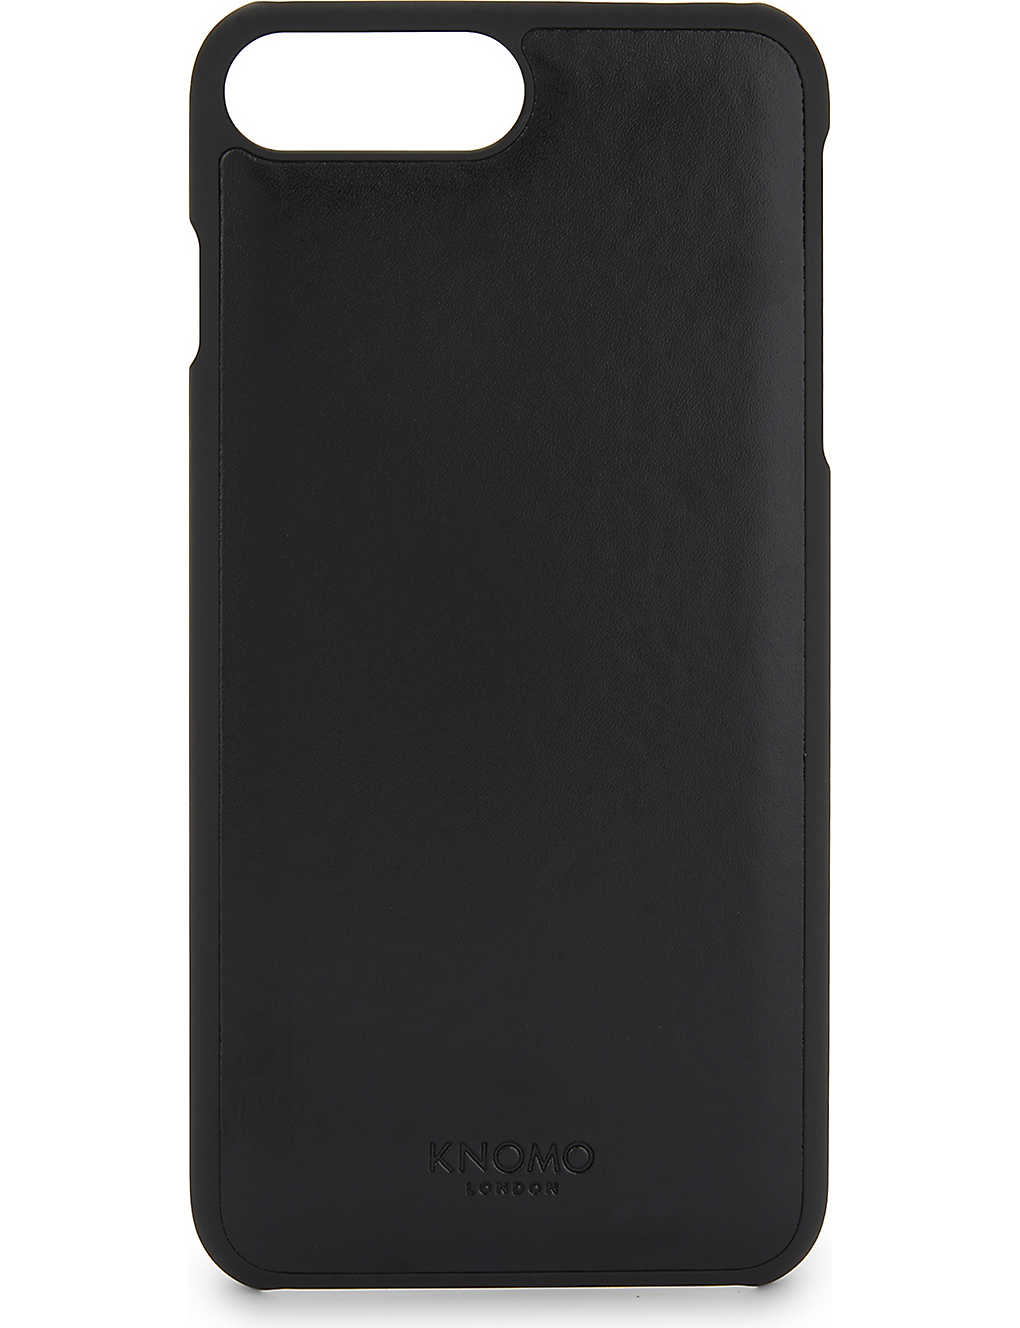 new product 8c6d8 d0d44 KNOMO - Leather panel iPhone 7 Plus case   Selfridges.com